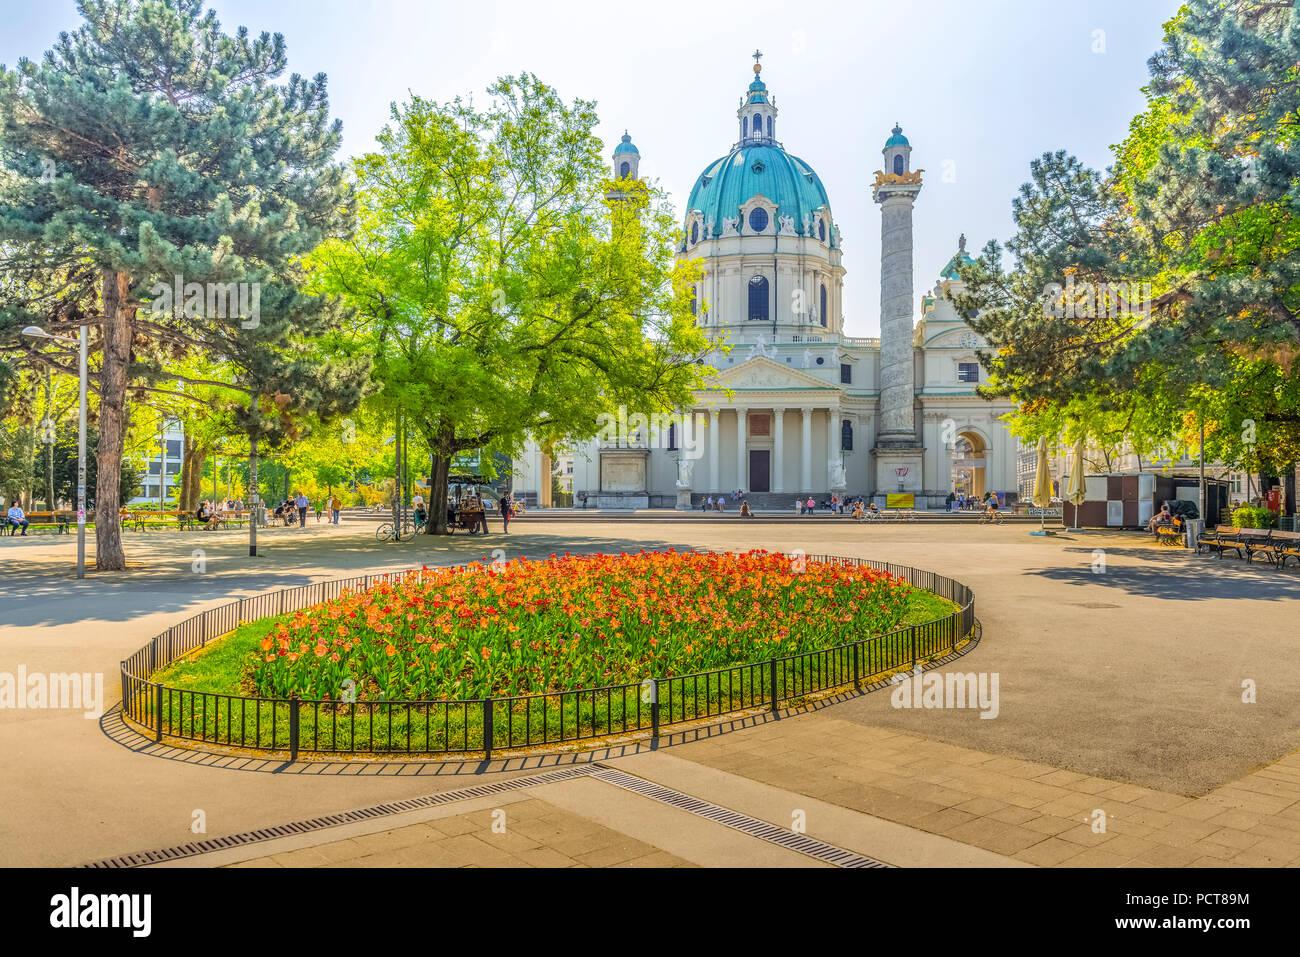 Europa, Österreich, Wien, Platz, Park, Resselpark, Karlskirche, Wien, Österreich, Architektur, Kapital Stockbild